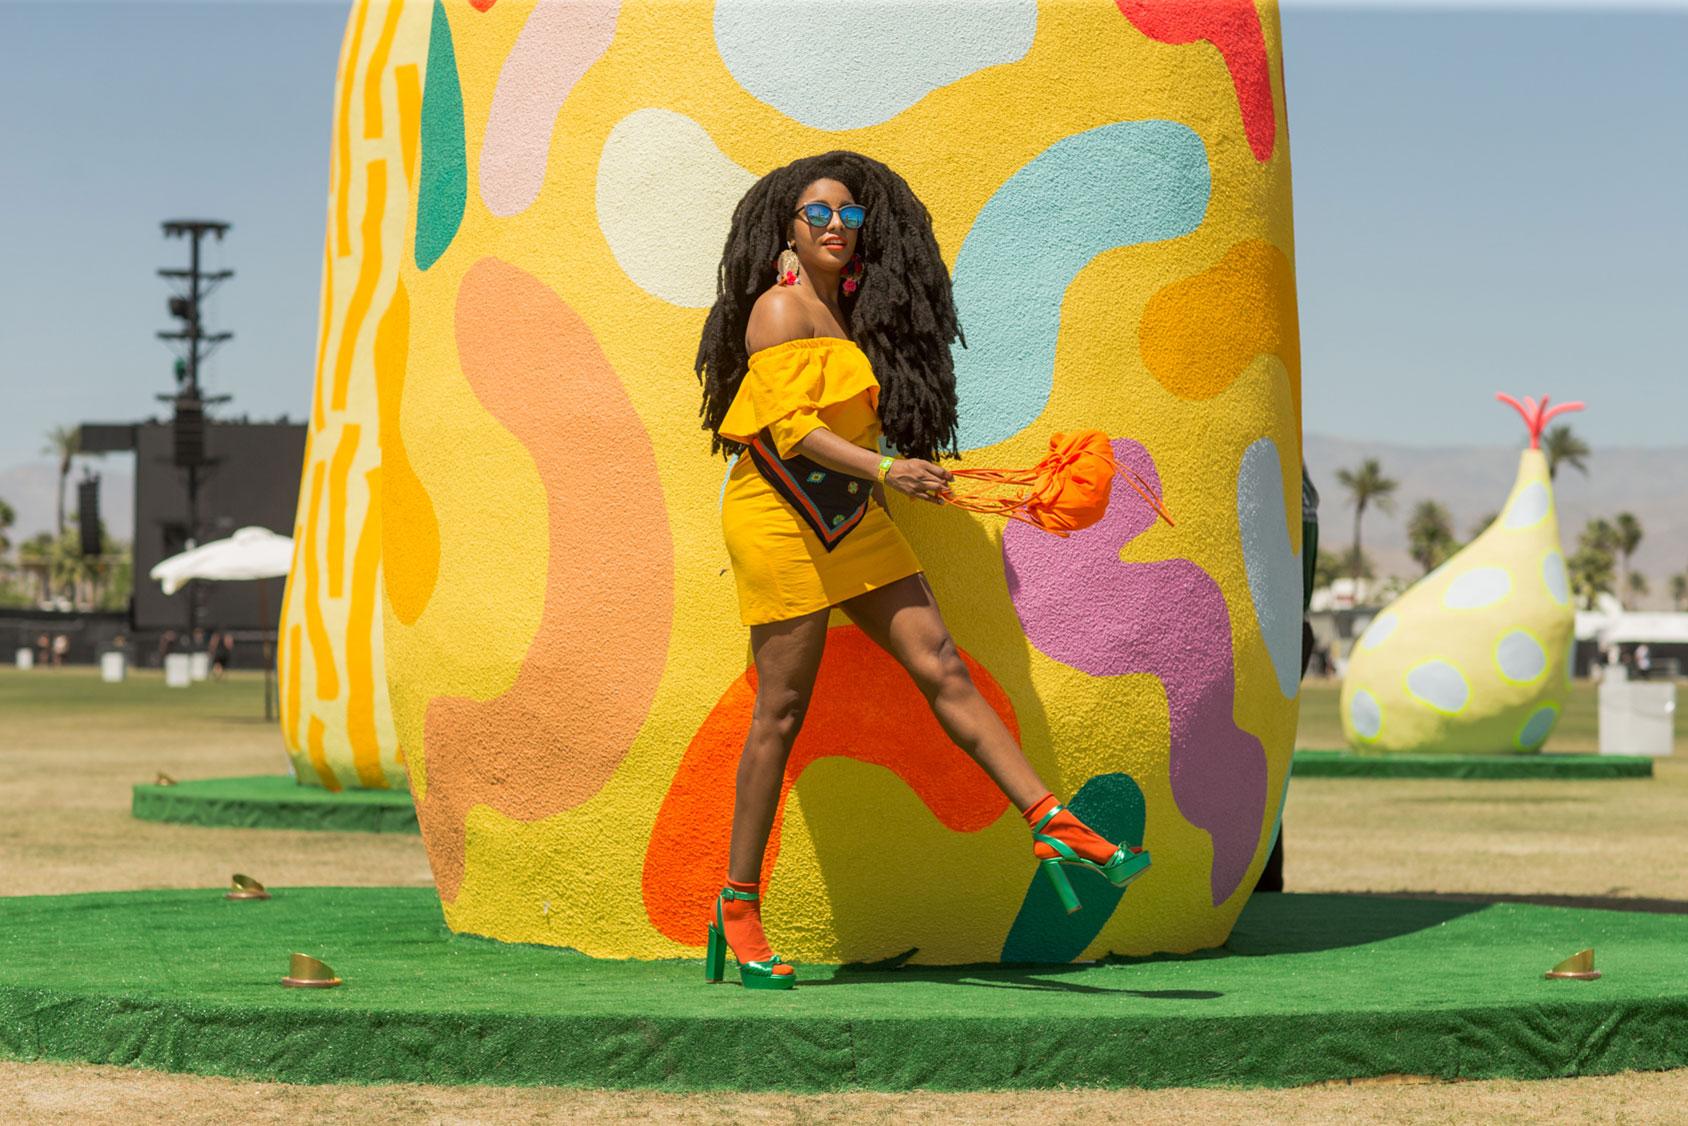 TK身着H&M春夏季系列的黄色露肩裙、搭配厚底凉鞋与橘色袜子。 她戴的围巾来自于去年的KENZO x H&M合作系列,迷你背包则属于SS16 Studio系列。